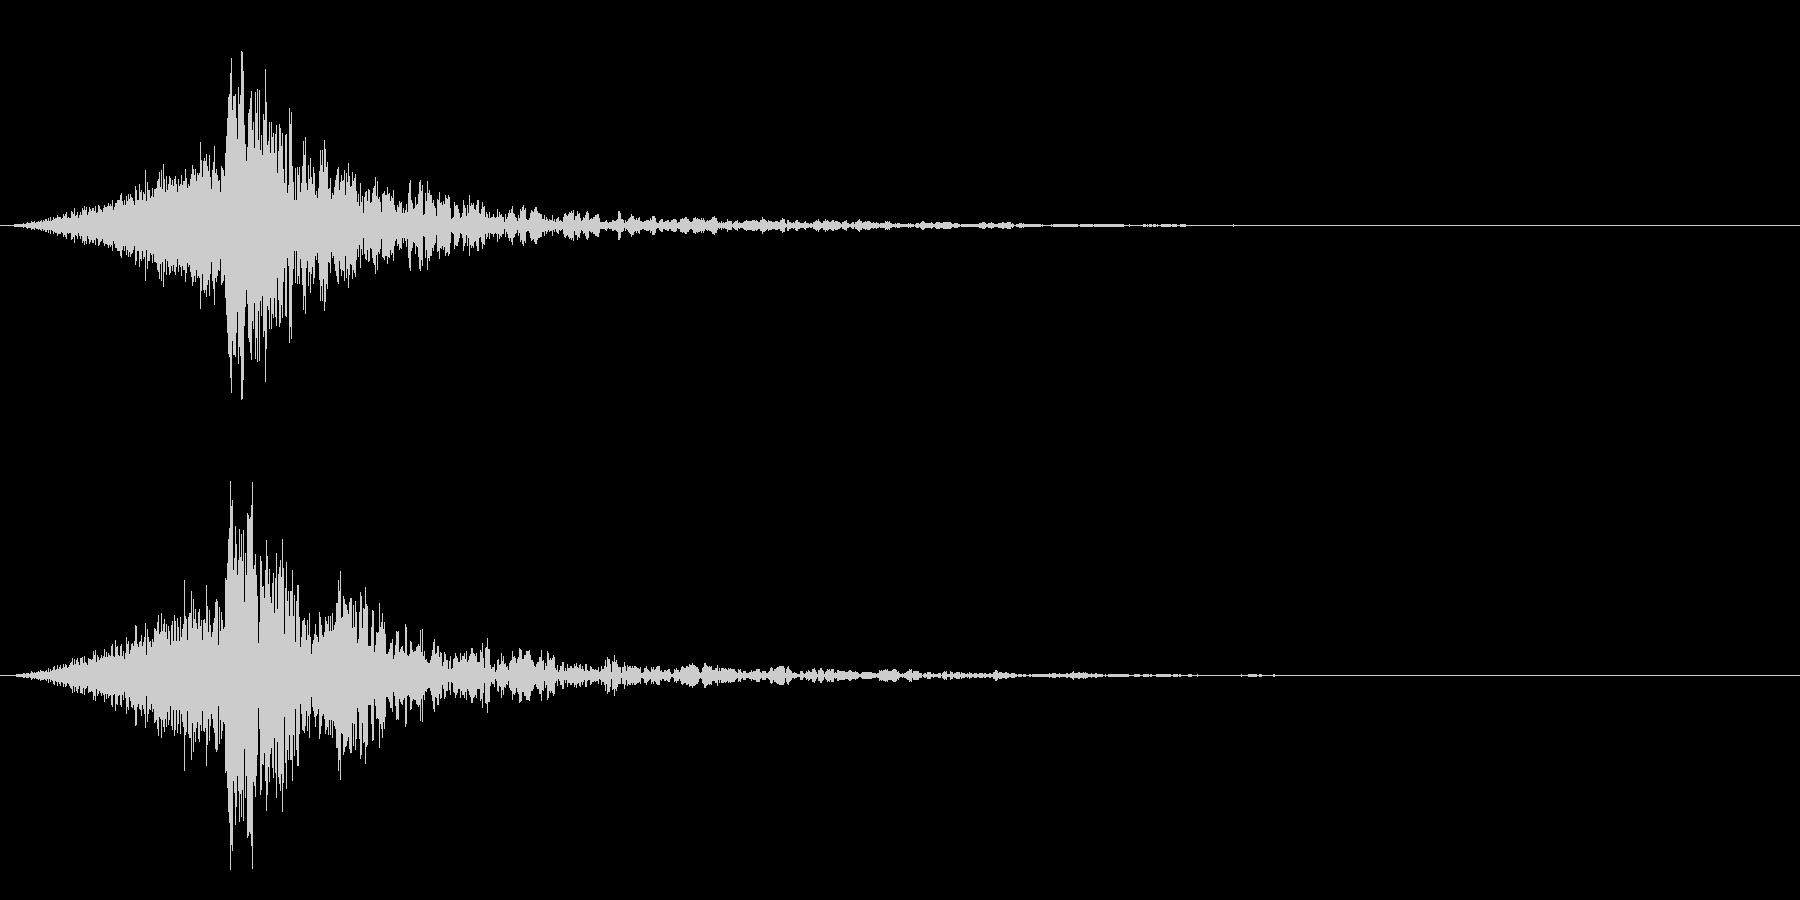 シュードーン-58-4(インパクト音)の未再生の波形